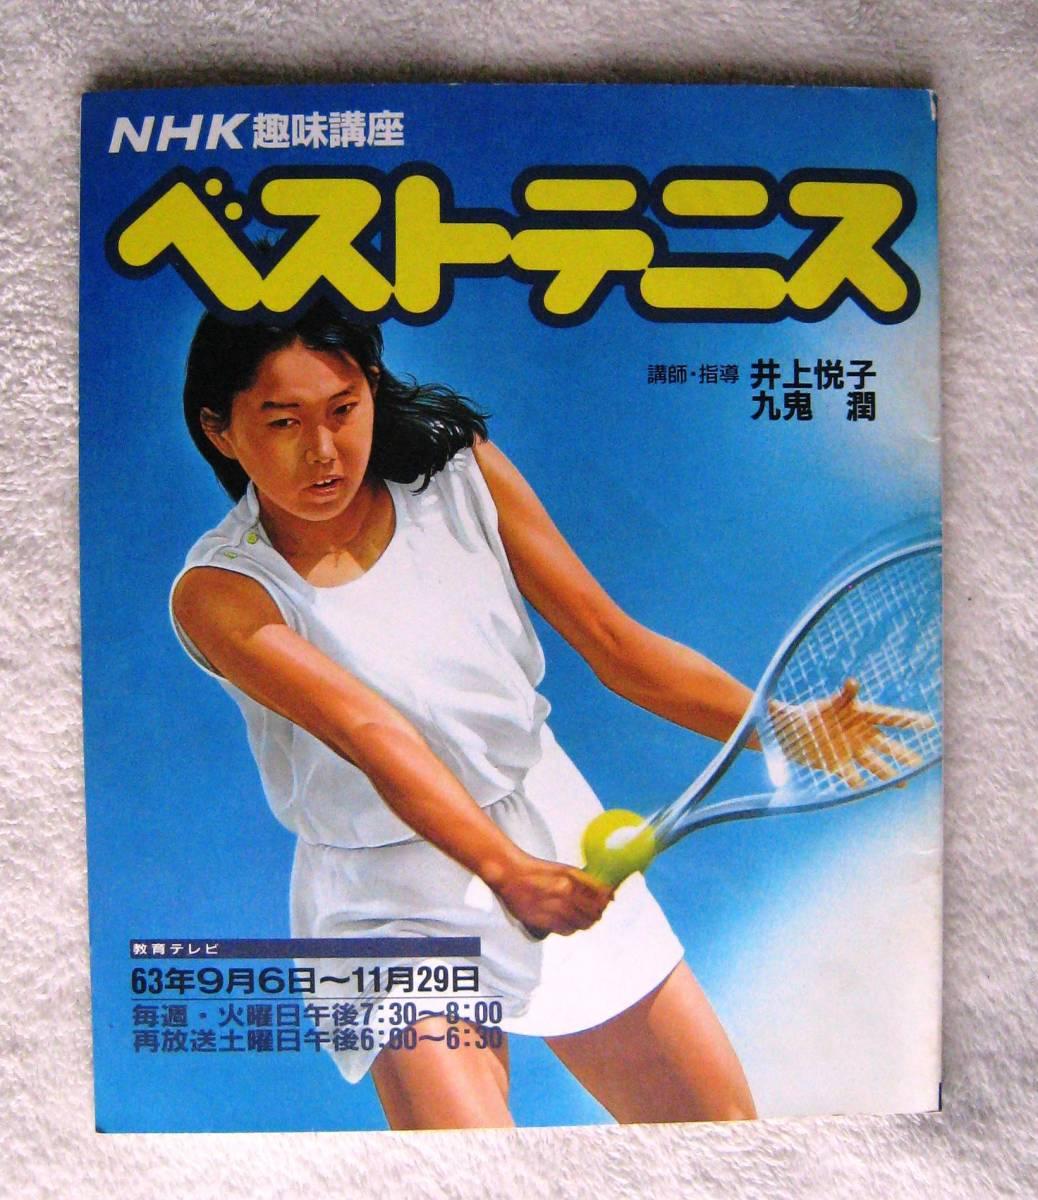 テニス nhk